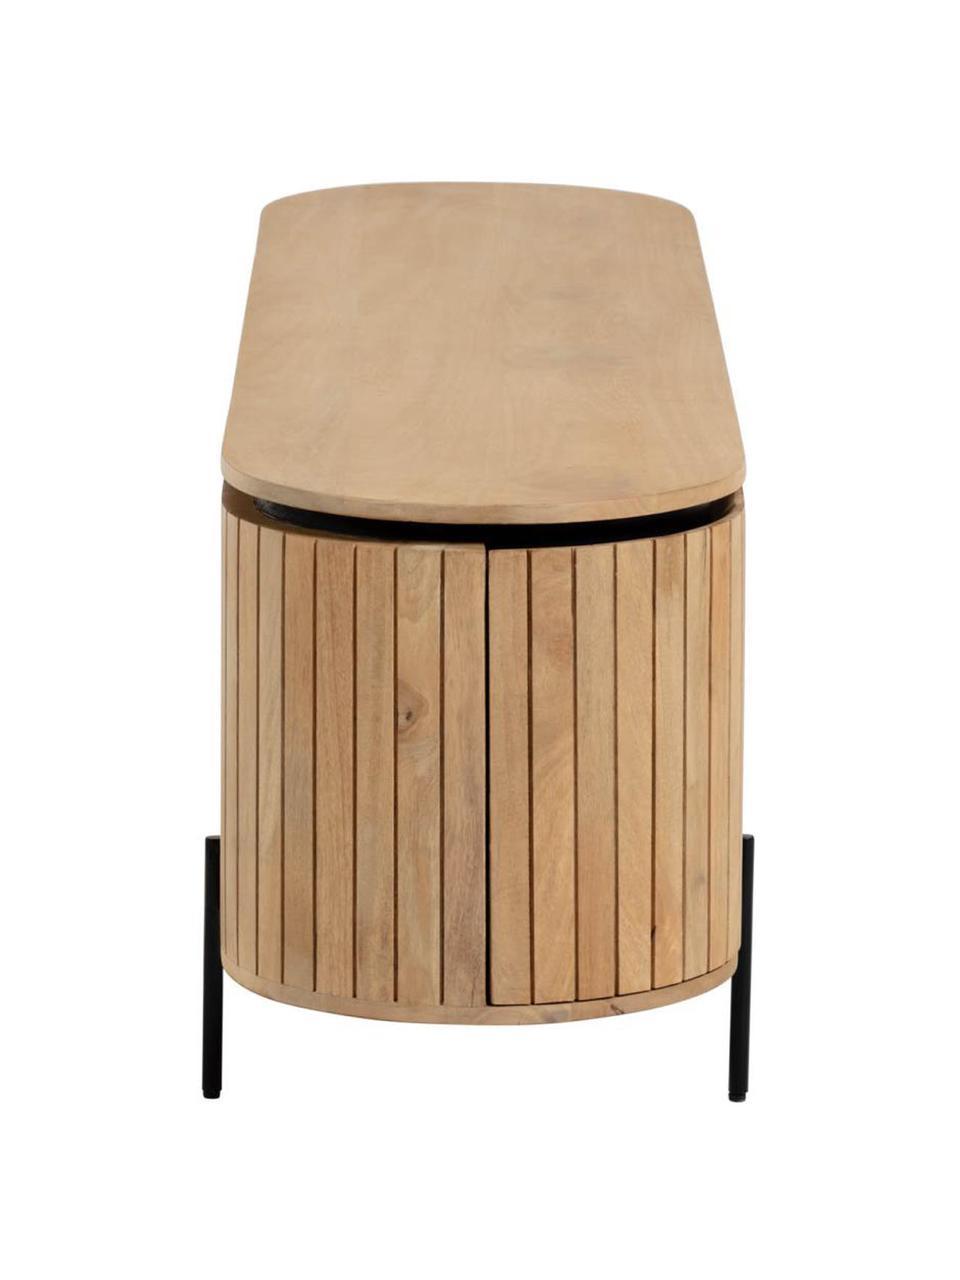 Szafka RTV z litego drewna mangowego z drzwiczkami Licia, Korpus: drewno mangowe, polerowan, Nogi: metal lakierowany, Beżowy, czarny, S 160 x W 56 cm